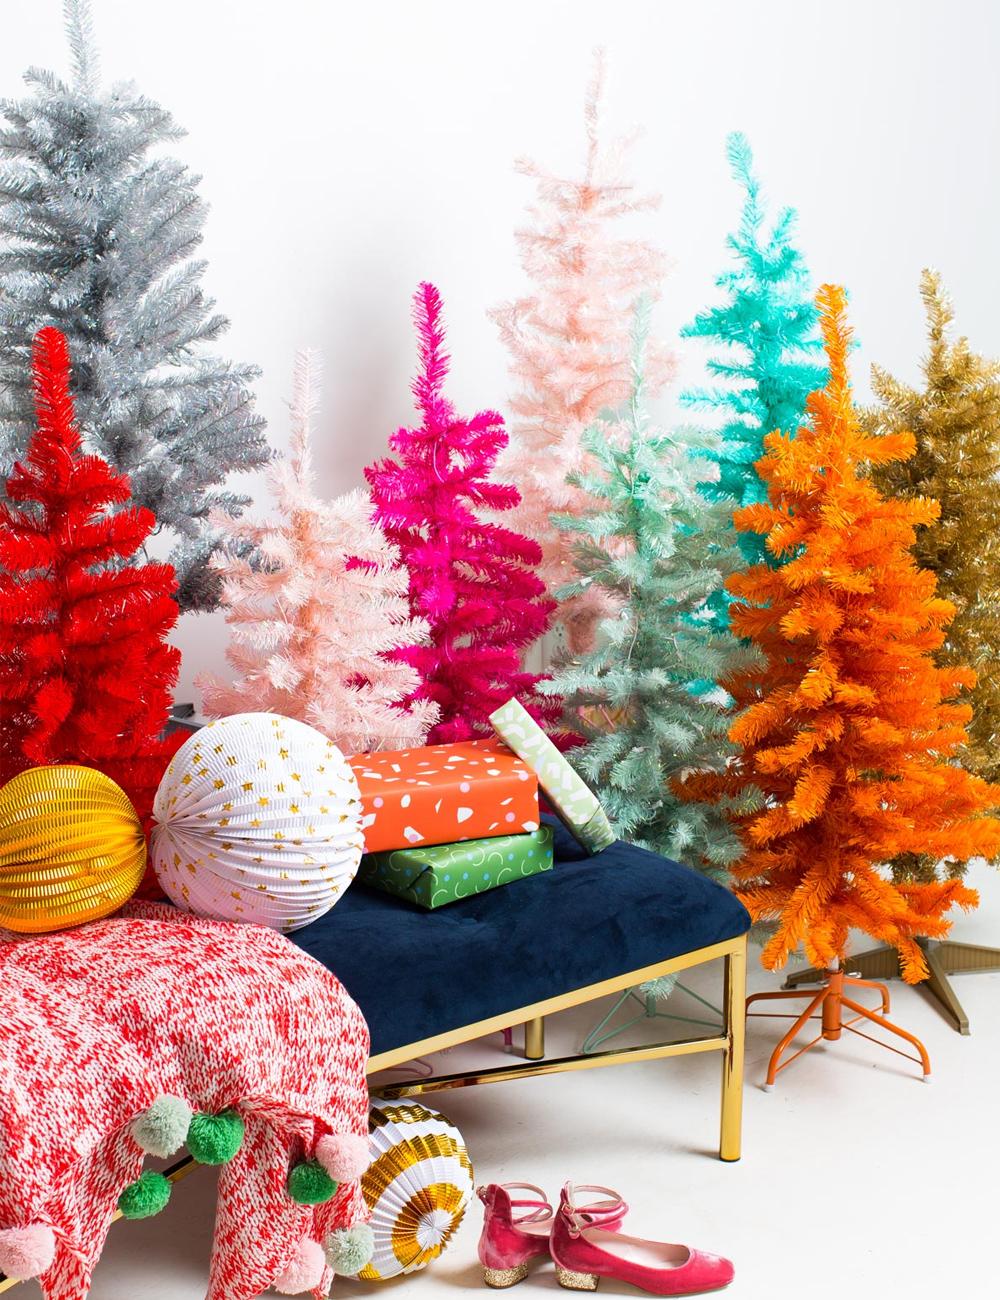 Inspiración: Árboles de navidad de colores. Visto en